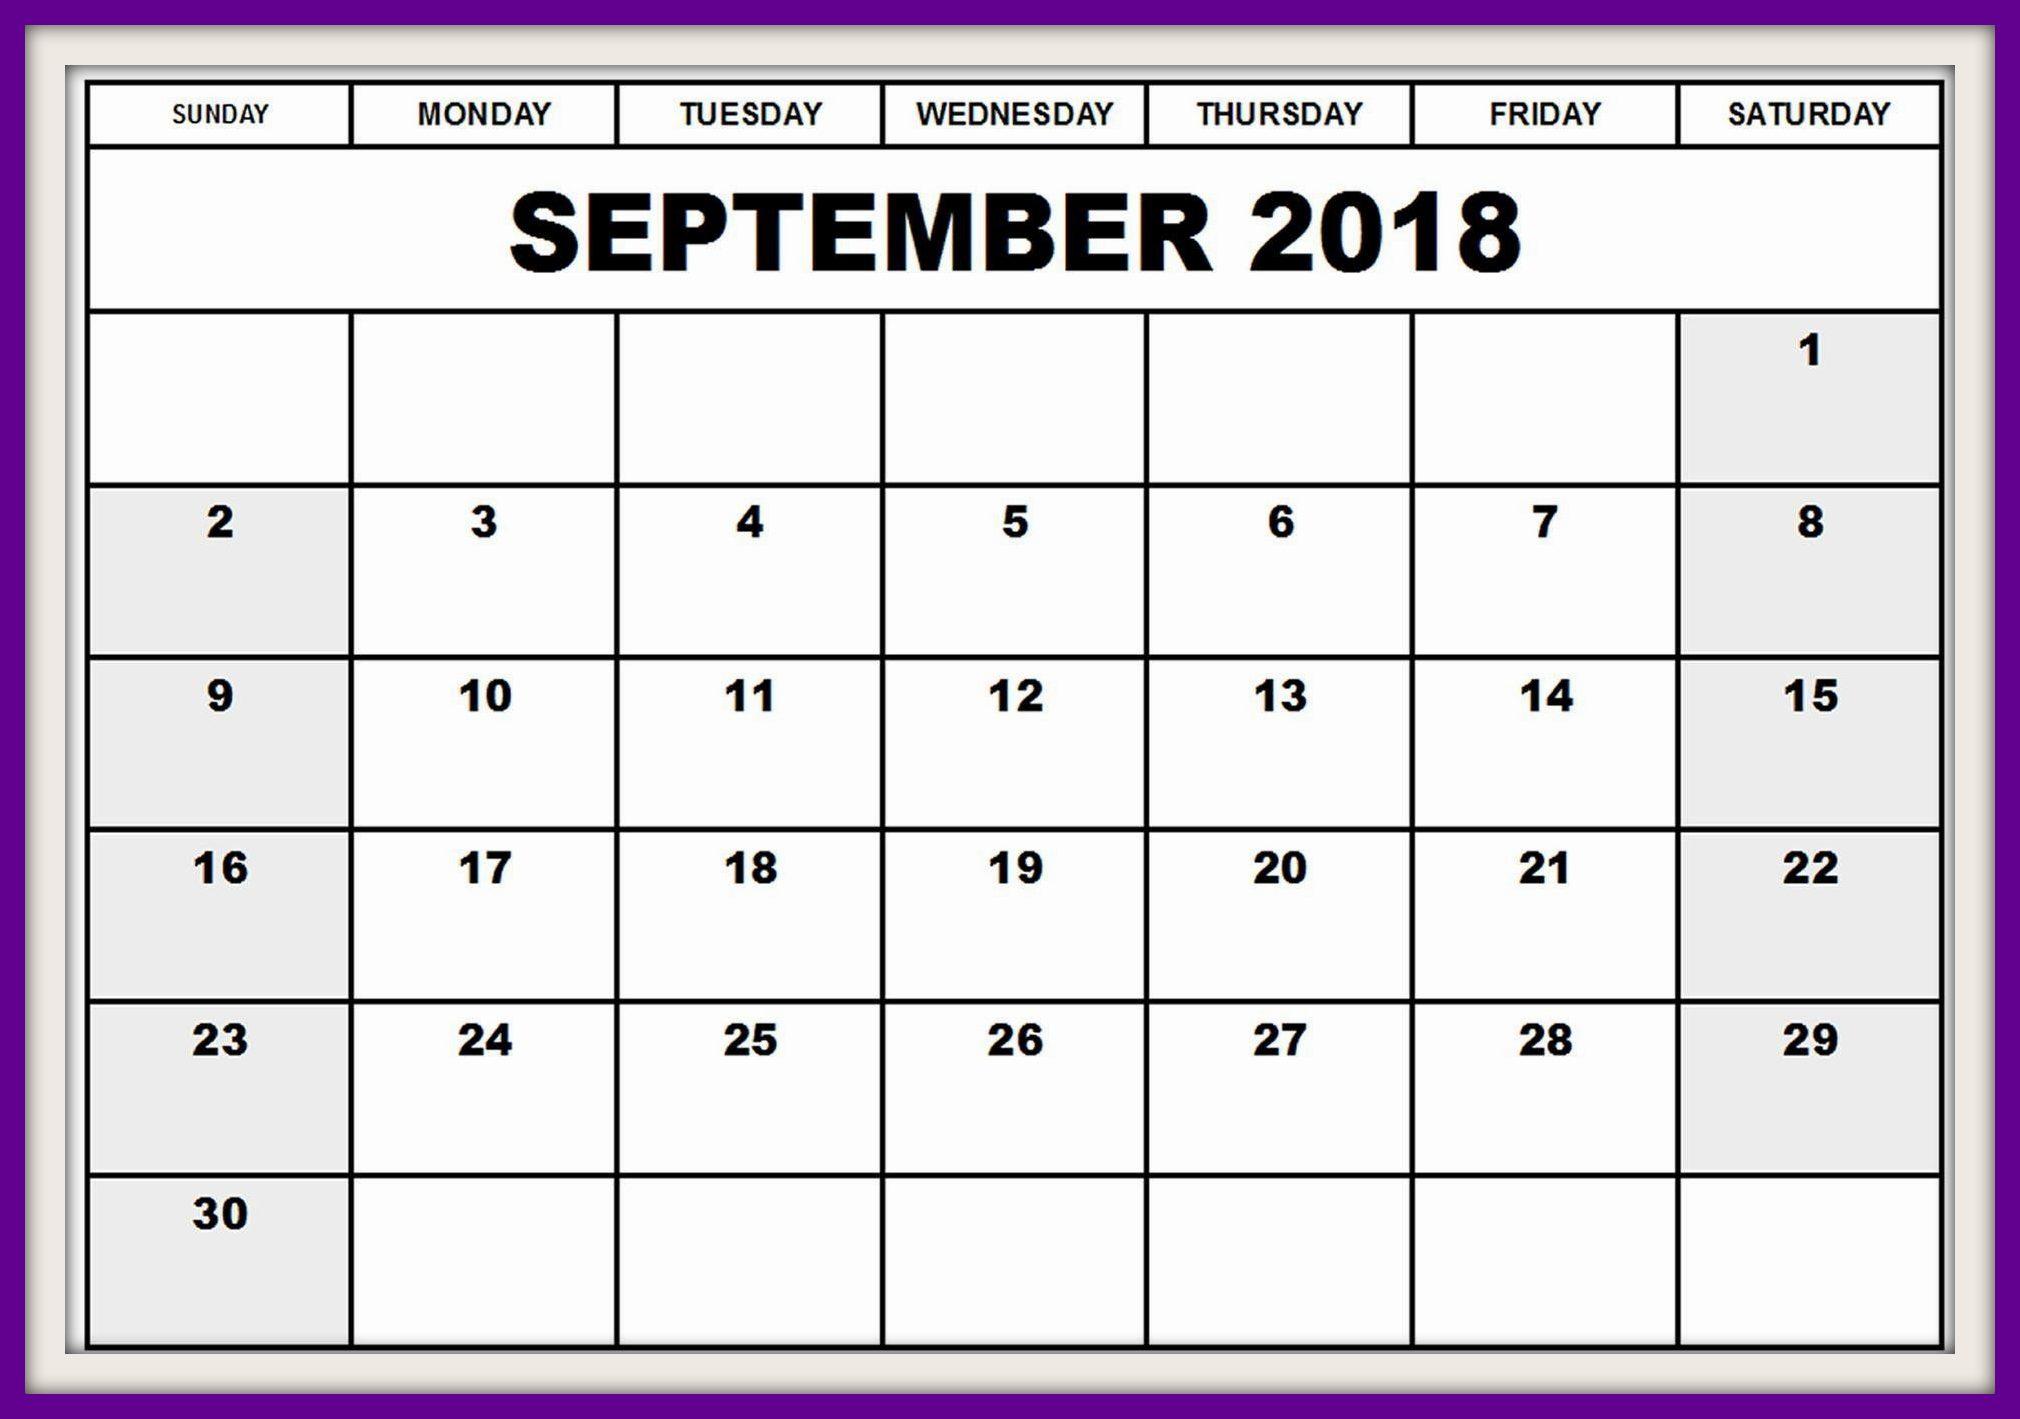 UK September 2018 Calendar